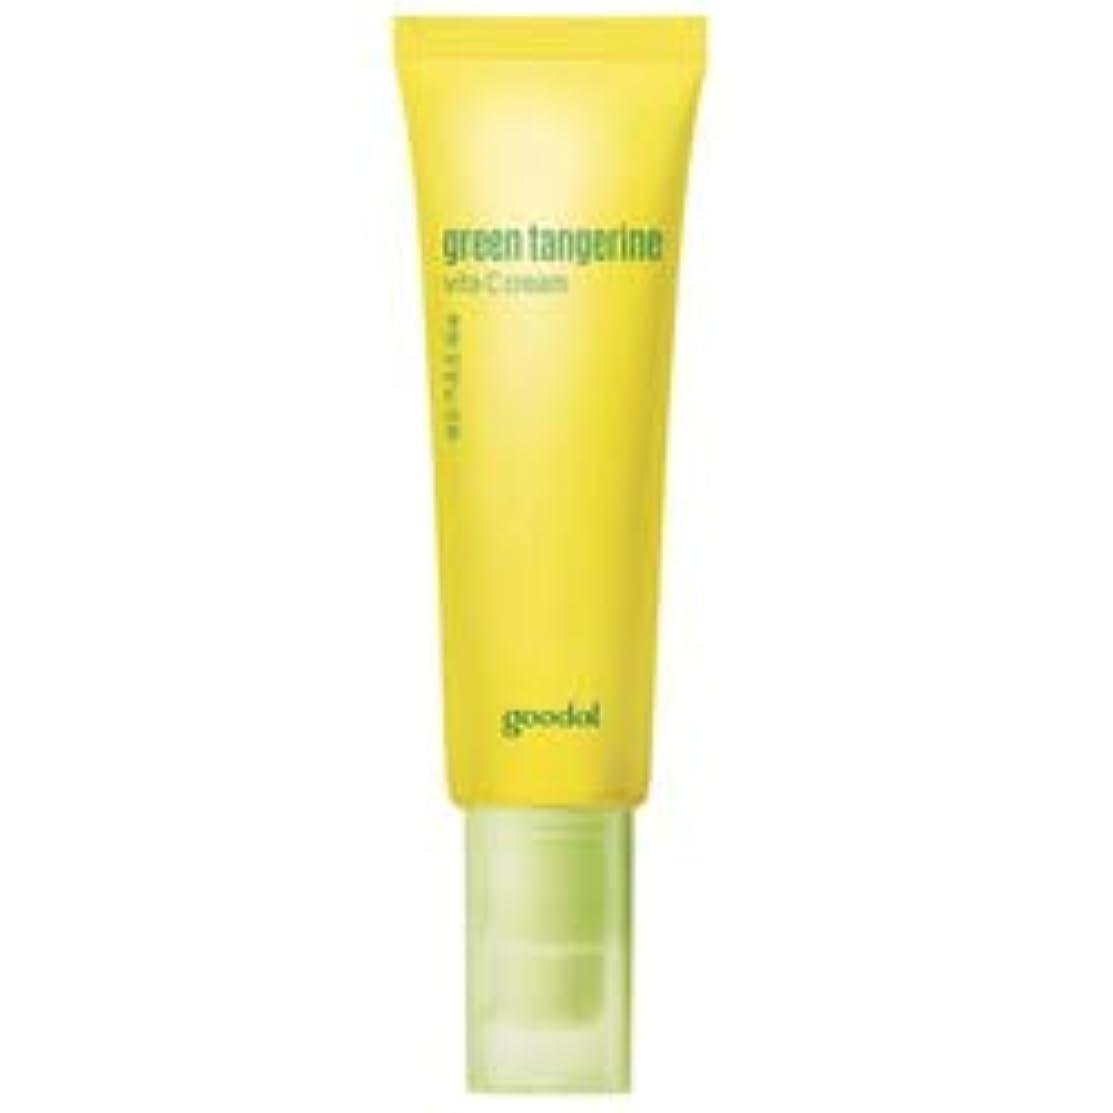 滑りやすい誓約のホスト[goodal] Green Tangerine Vita C cream 50ml / [グーダル]タンジェリン ビタC クリーム 50ml [並行輸入品]